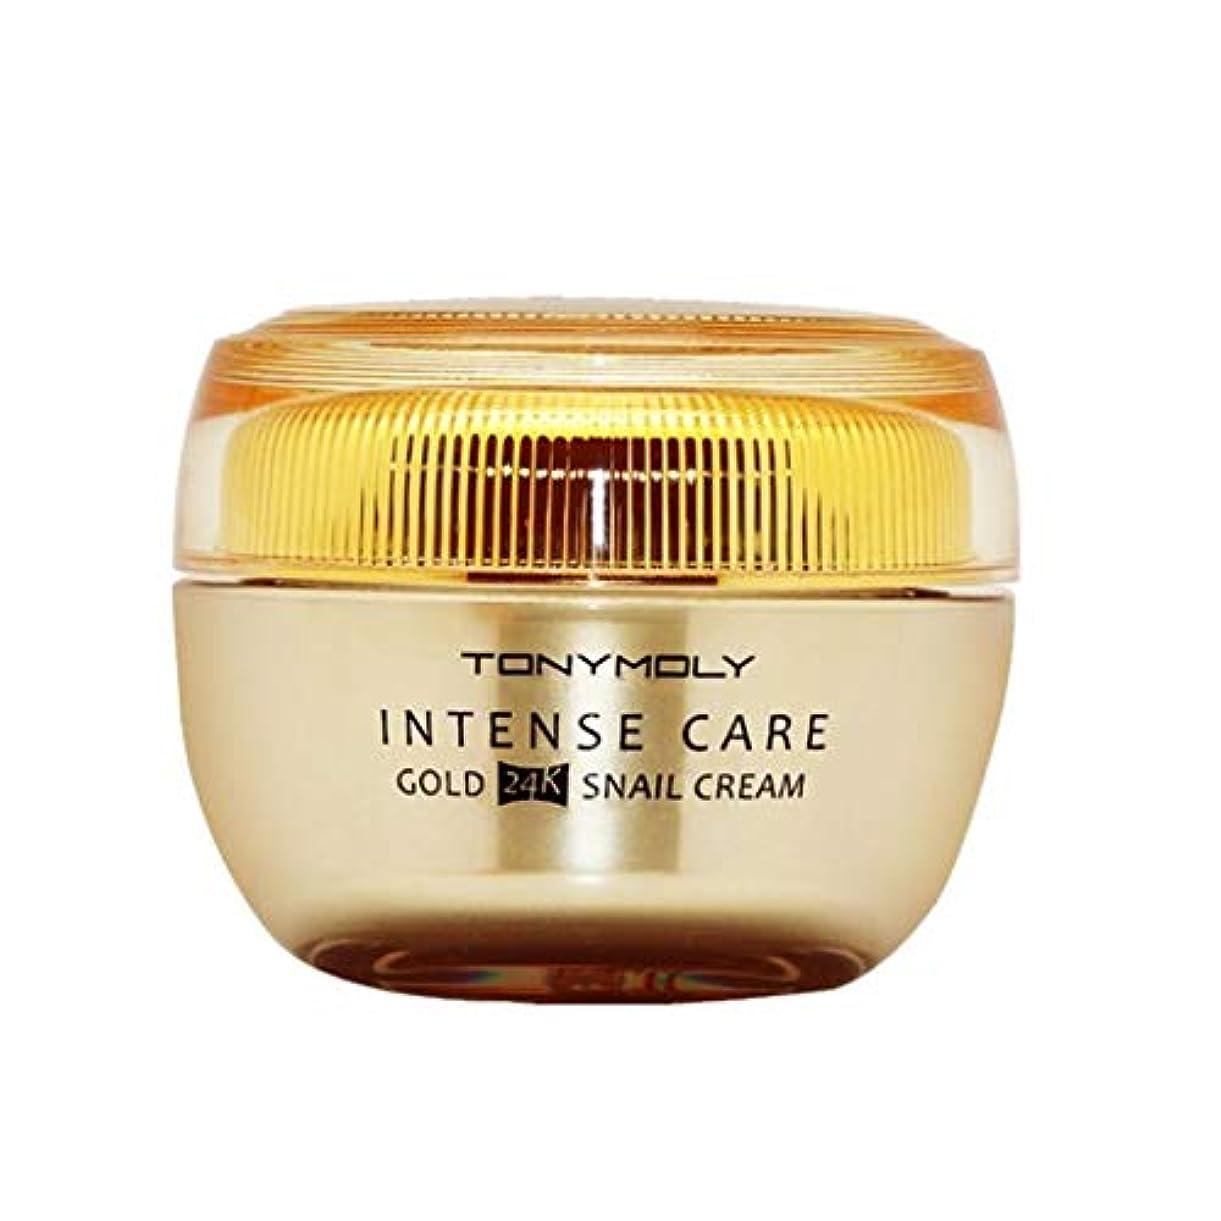 神のデッド安息トニーモリーインテンスケアゴールド24Kスネールクリーム45ml x 2本セット美白、シワ改善クリーム、Tonymoly Intense Care Gold 24K Snail Cream 45ml x 2ea Set...